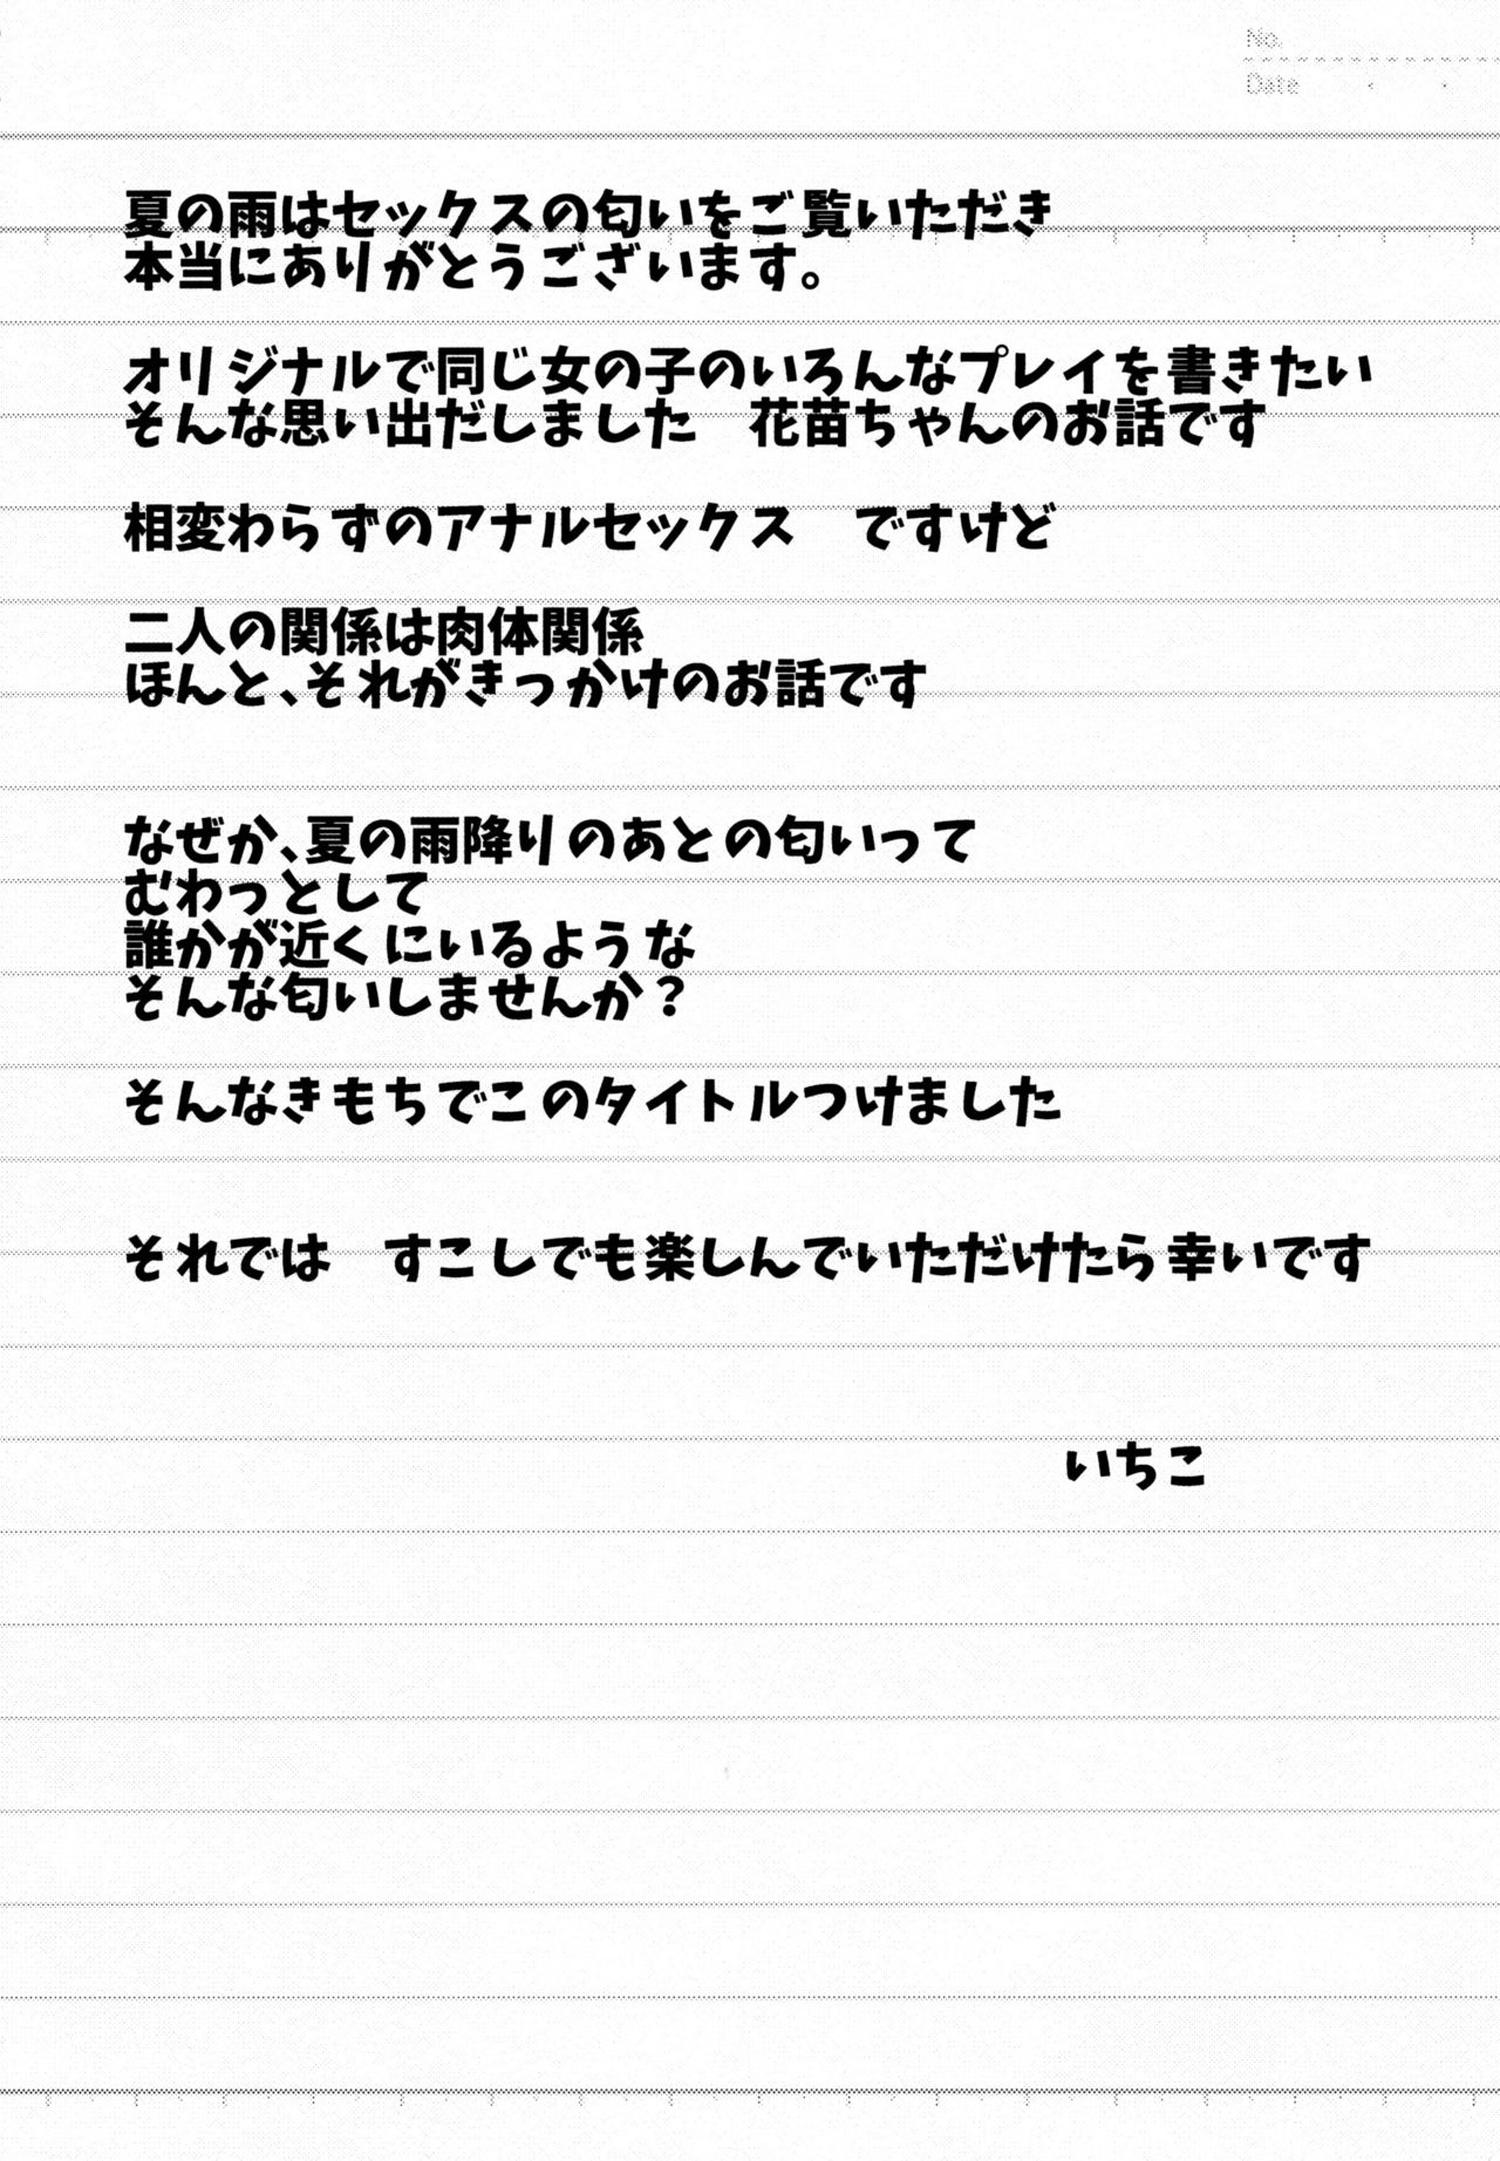 【エロ漫画・エロ同人誌】黒髪ショートの清純そうな巨乳JKのお尻をアナルパールにアナルファックで調教wwwww (3)